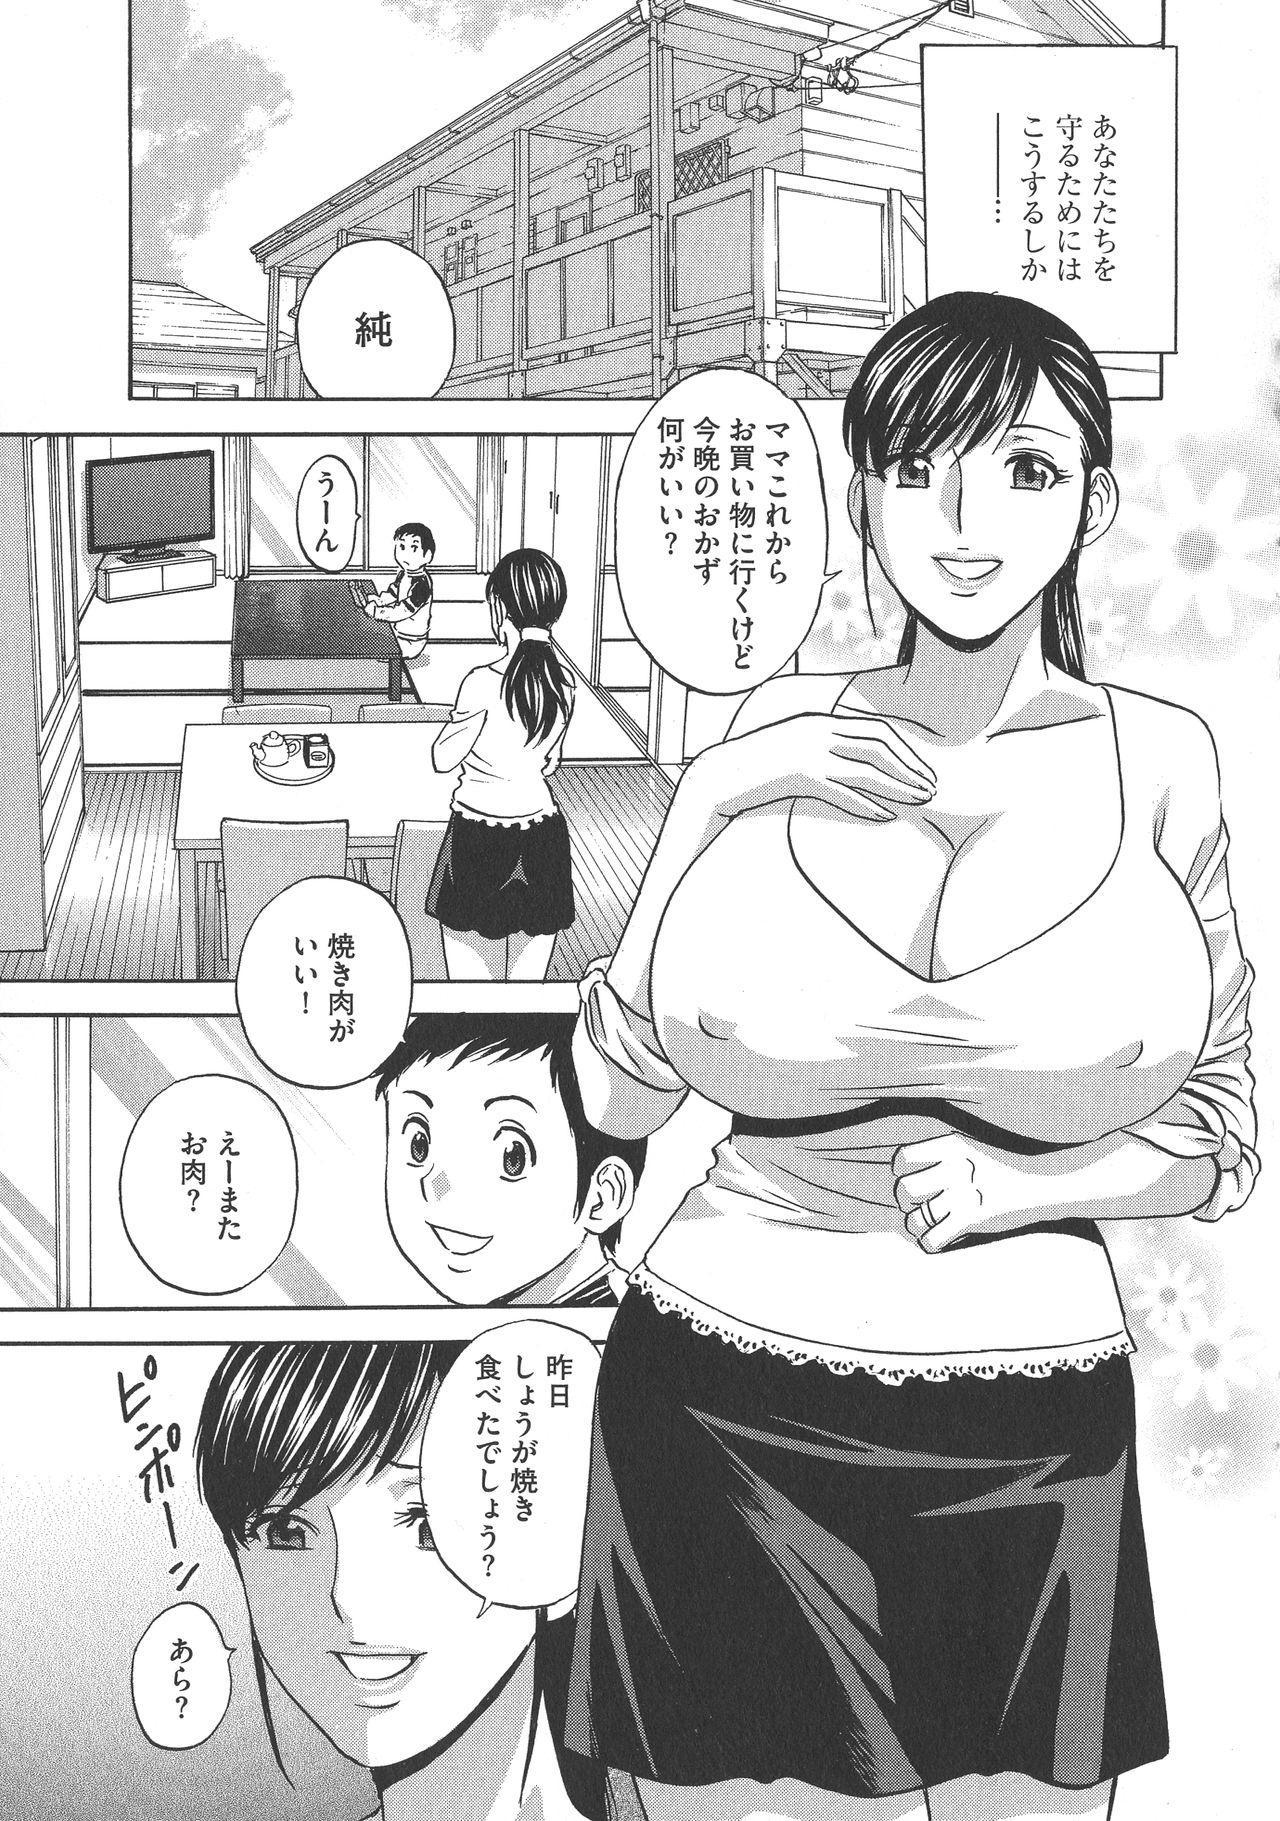 Chijoku ni Modaeru Haha no Chichi… 112